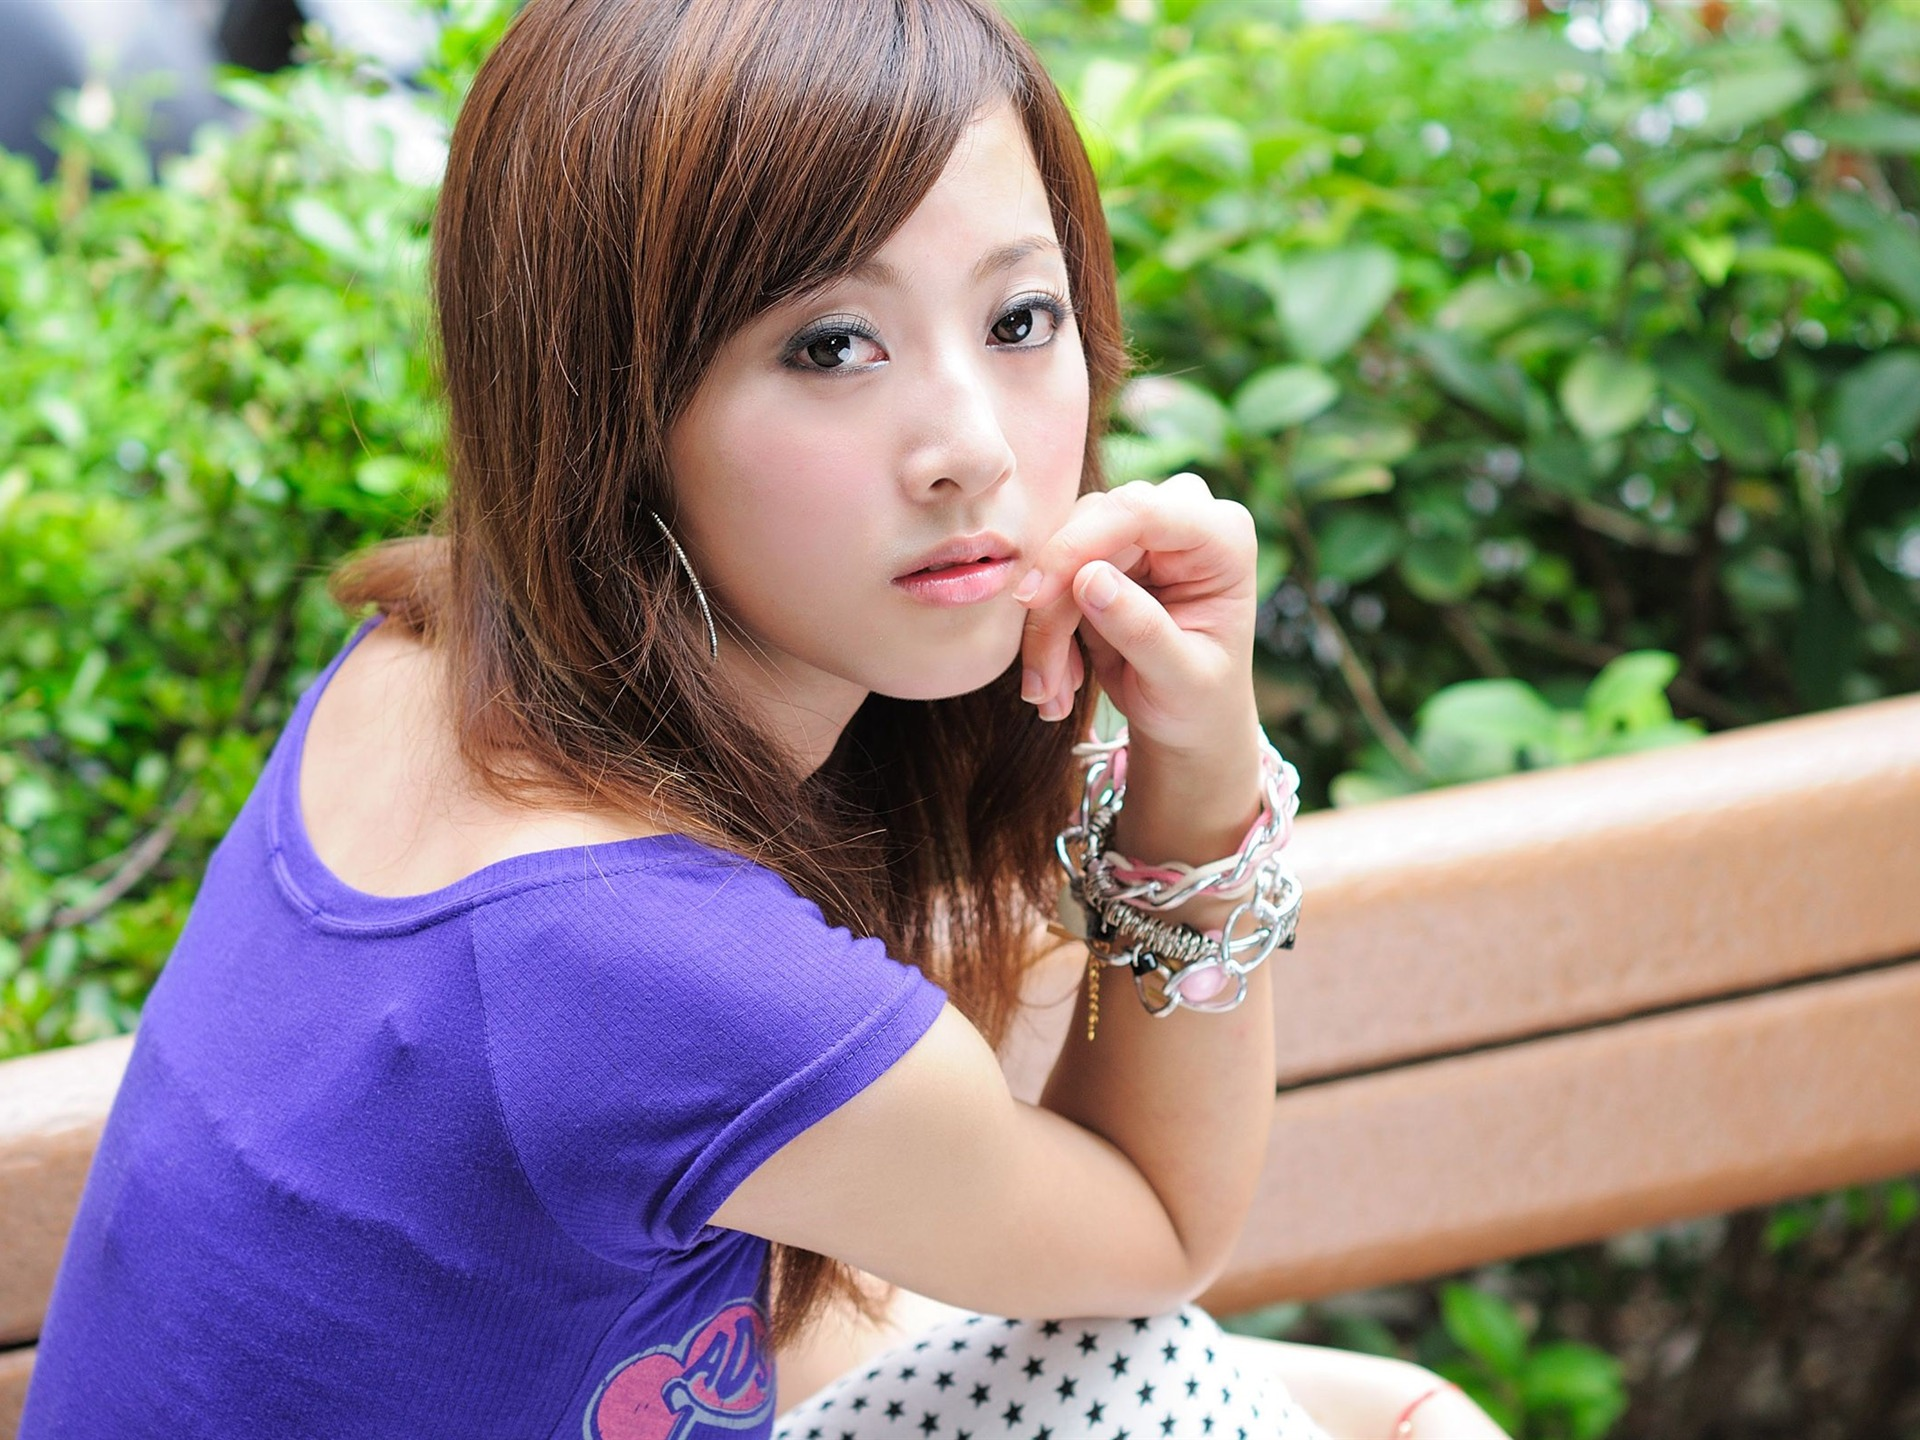 можем роскошные японки фото большая грудь стянута